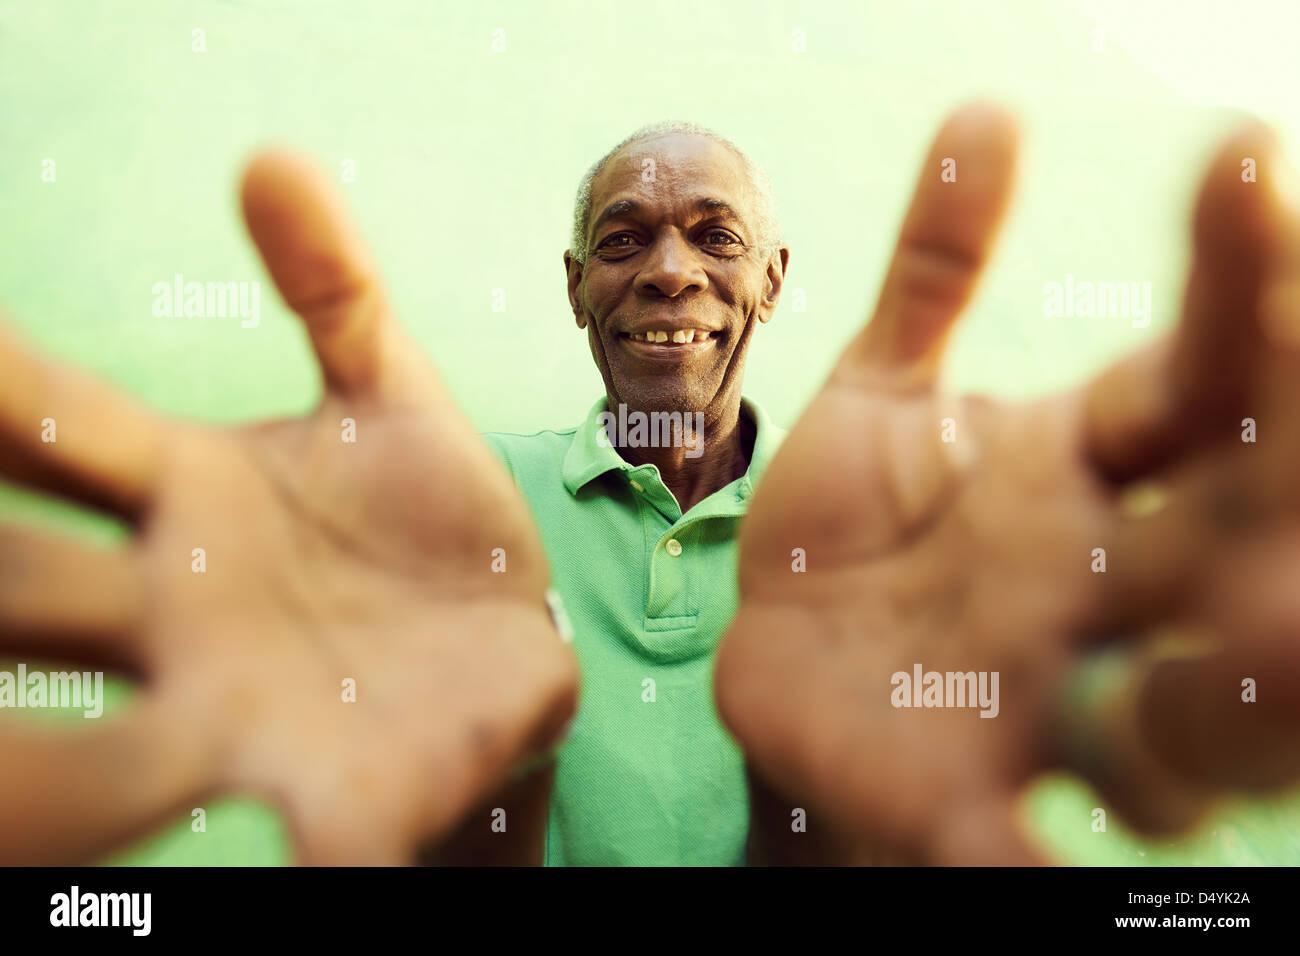 Ritratto di senior uomo nero con le mani e braccia aperte puntando alla fotocamera. Sfondo verde Immagini Stock